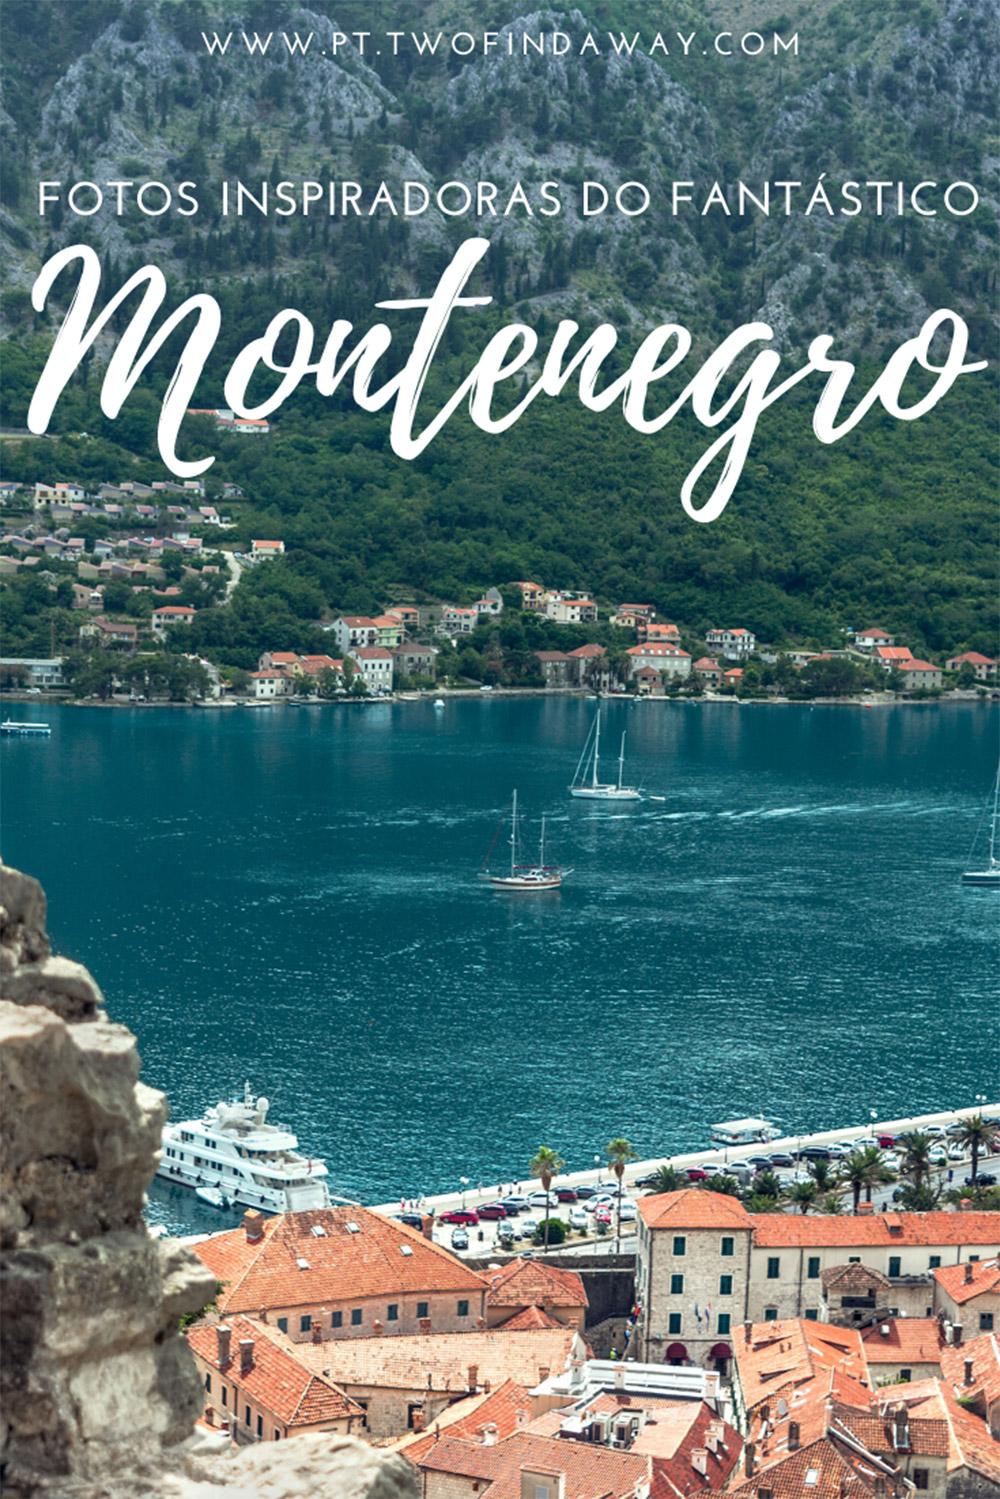 O Montenegro é um destino de sonho para todos os viajantes, um tesouro na Europa que muitos desconhecem. Veja as nossas fotos do Montenegro e inspire-se para marcar a sua viagem para este país do Balcãs. Também incluímos algumas dicas de o que ver no Montenegro! Visitar o Montenegro I Destino Balcãs I Destino de Viagem na Europa I Tesouros Escondidos na Europa I O Que Fazer no Montenegro I Atrações Montenegro I Itinerário Montenegro I Kotor